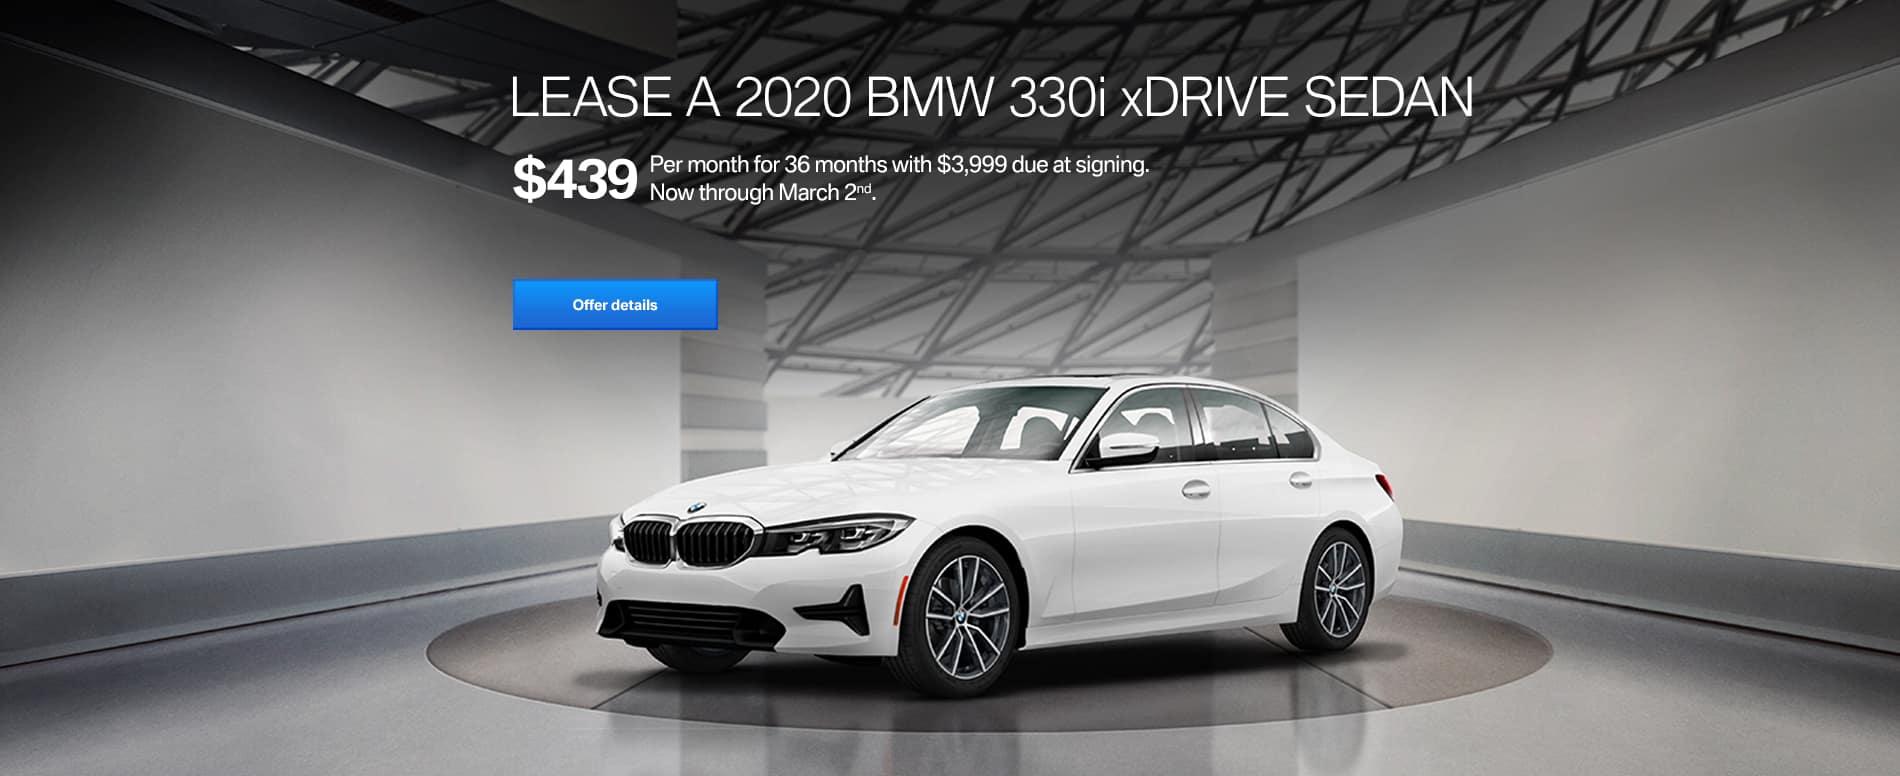 BendTriFEB_PUSH_BMW_330i_xDrive_439_Desktop